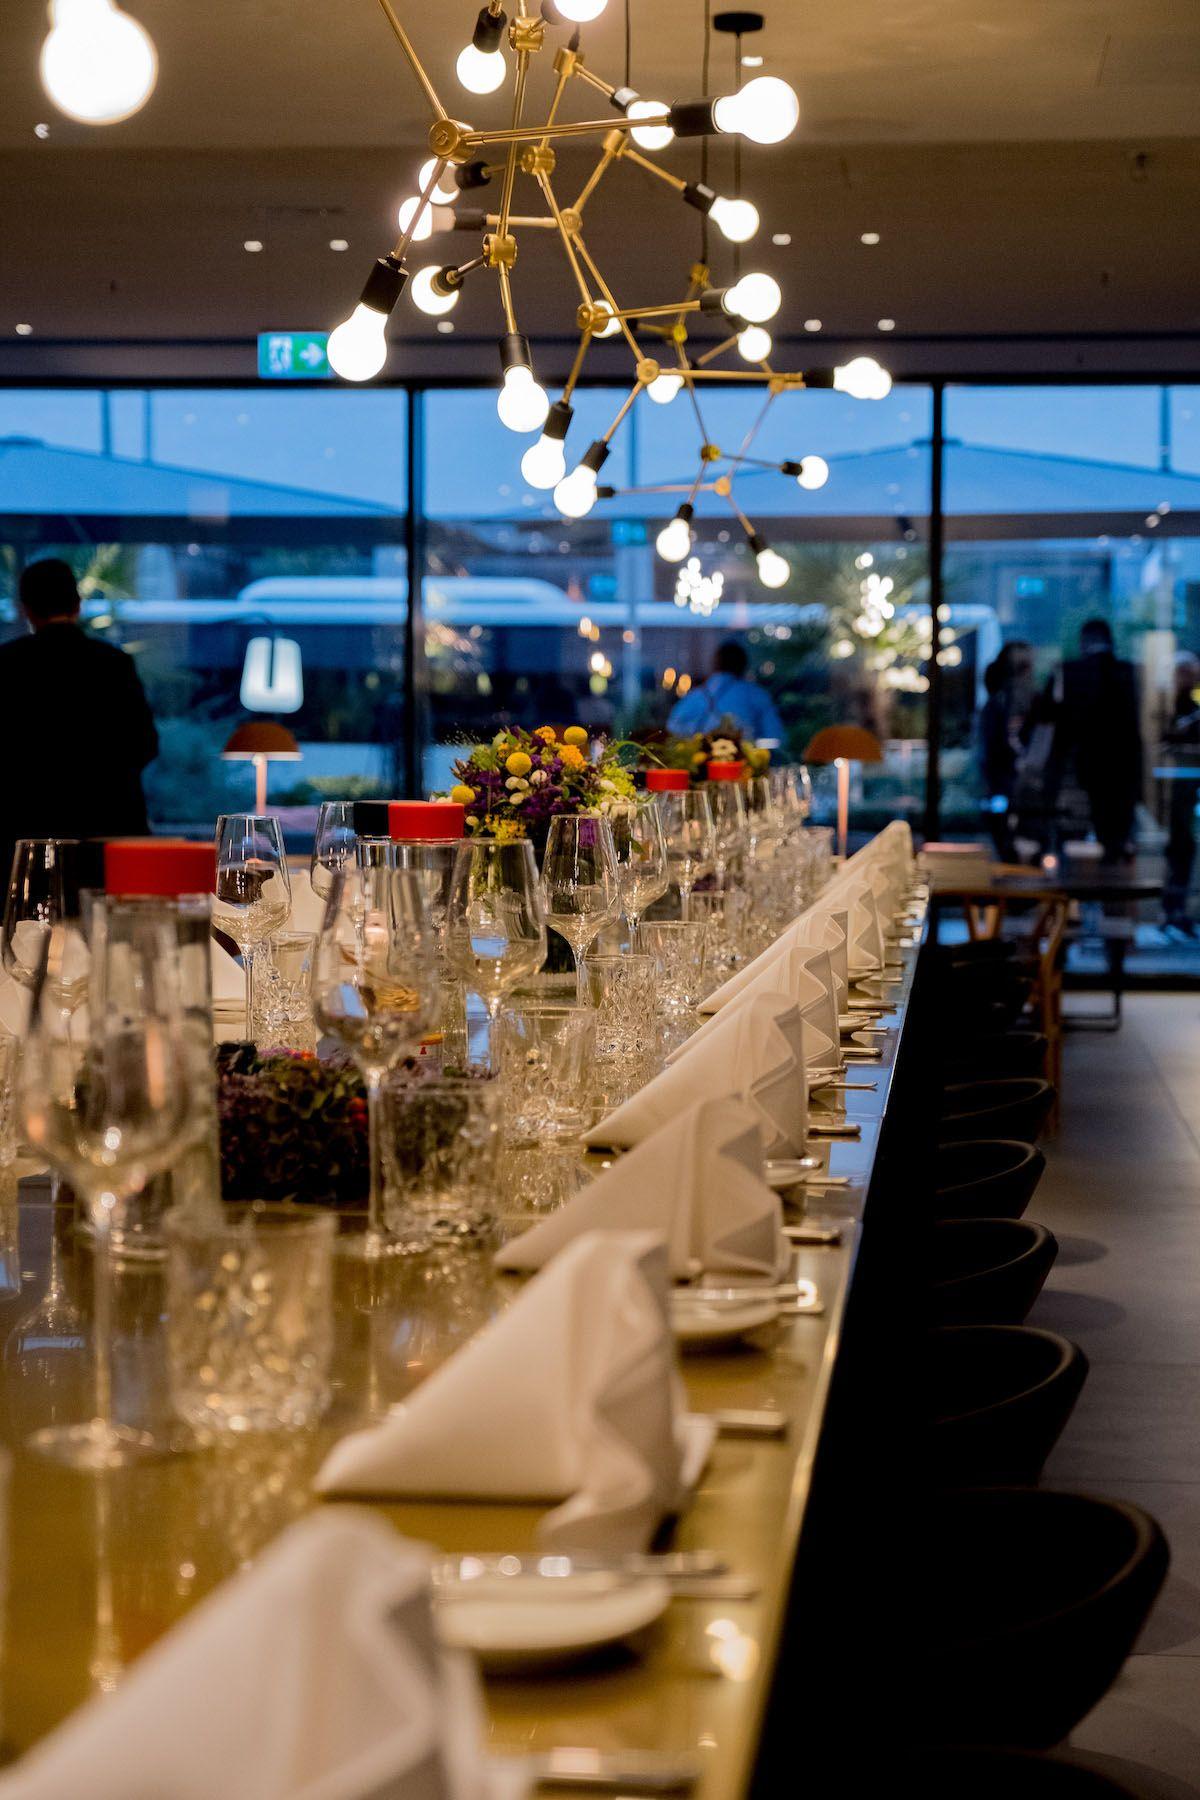 Foodblog, About Fuel, Leckerbissen, Scandic Hotel Frankfurt, Dinnertafel, Lampen